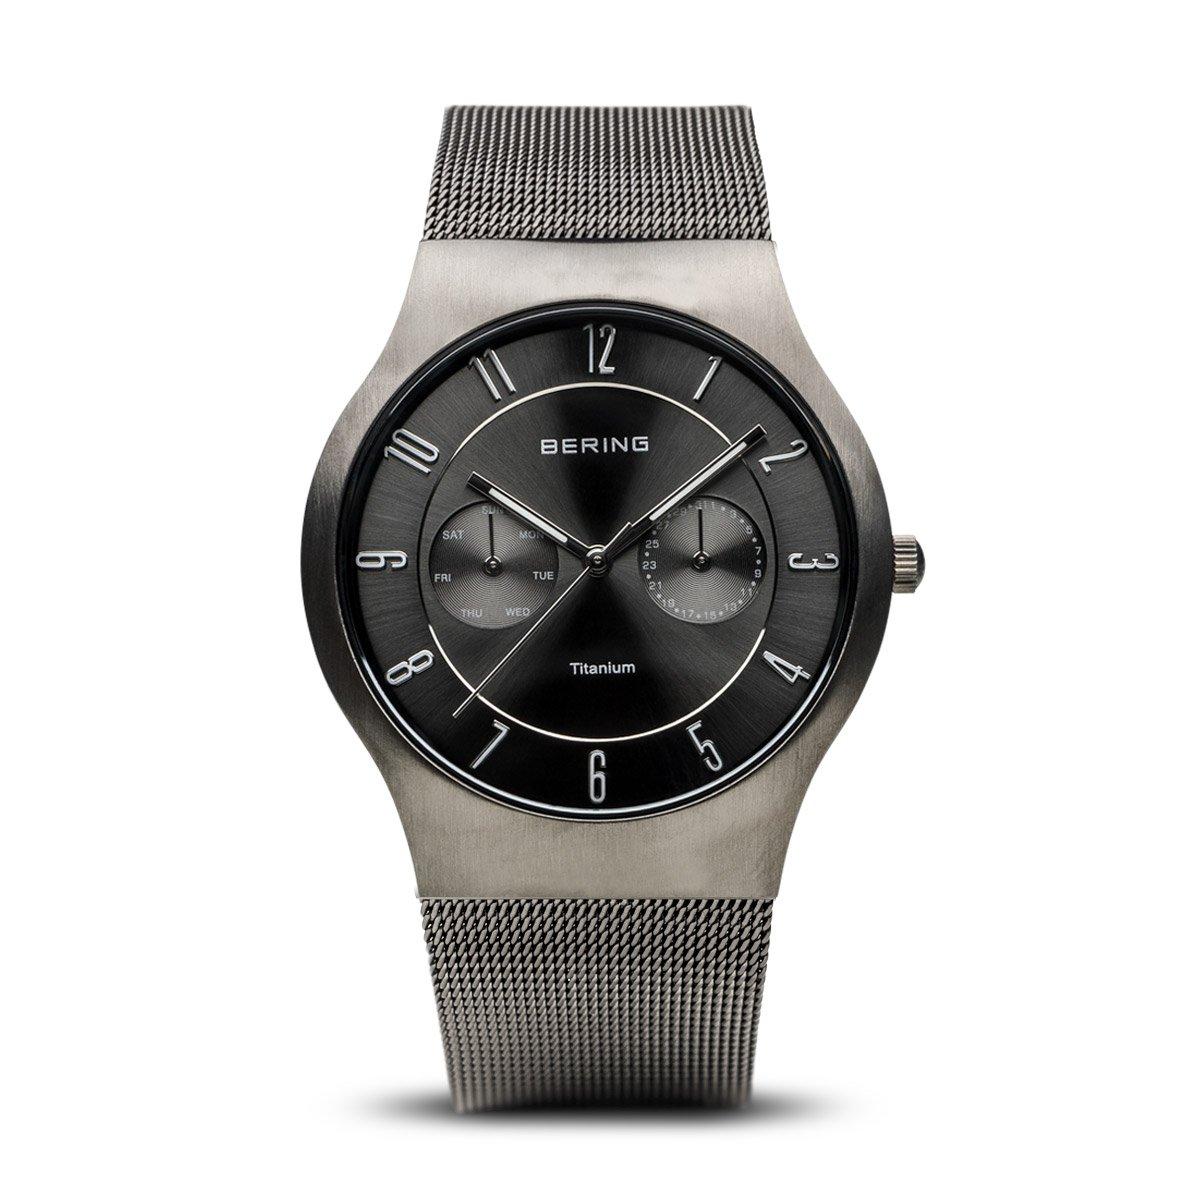 Bering Classic - Reloj analógico de caballero de cuarzo con correa de acero inoxidable gris - sumergible a 50 metros